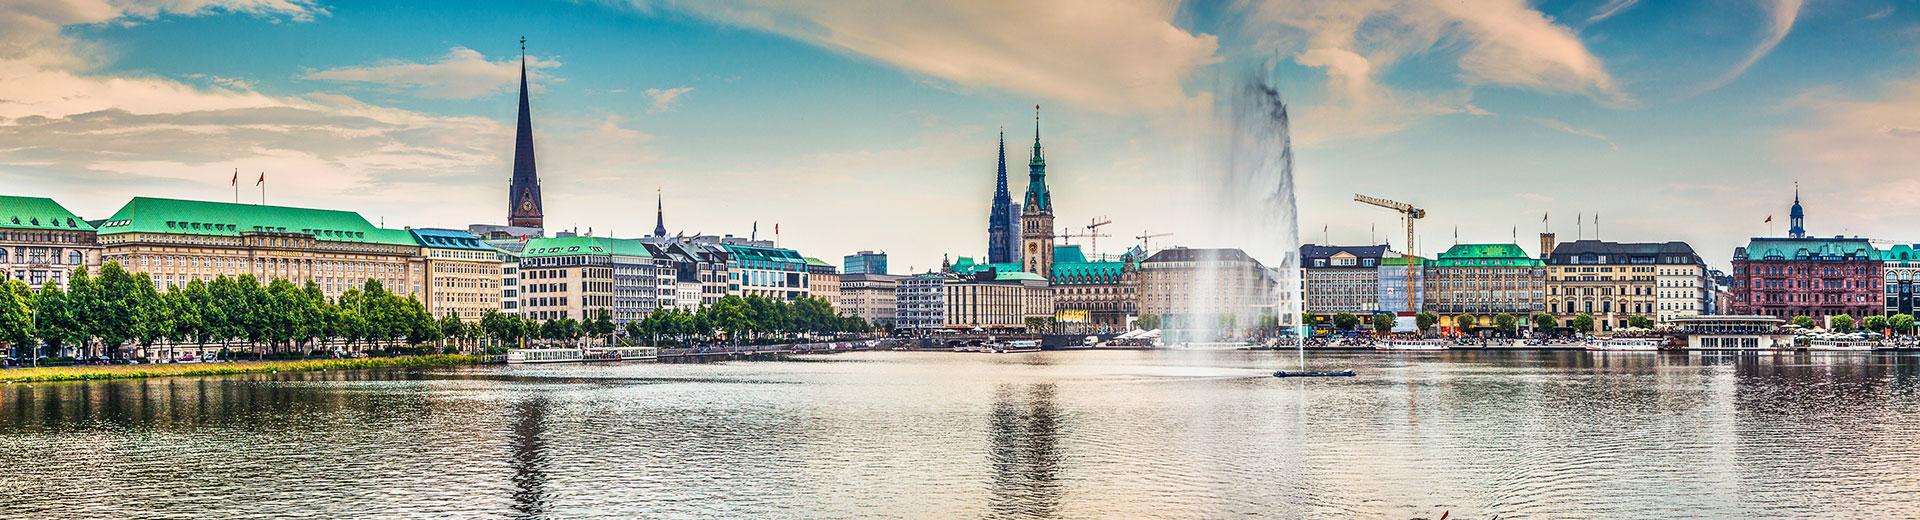 Voyage en groupe Hambourg- offre confort train